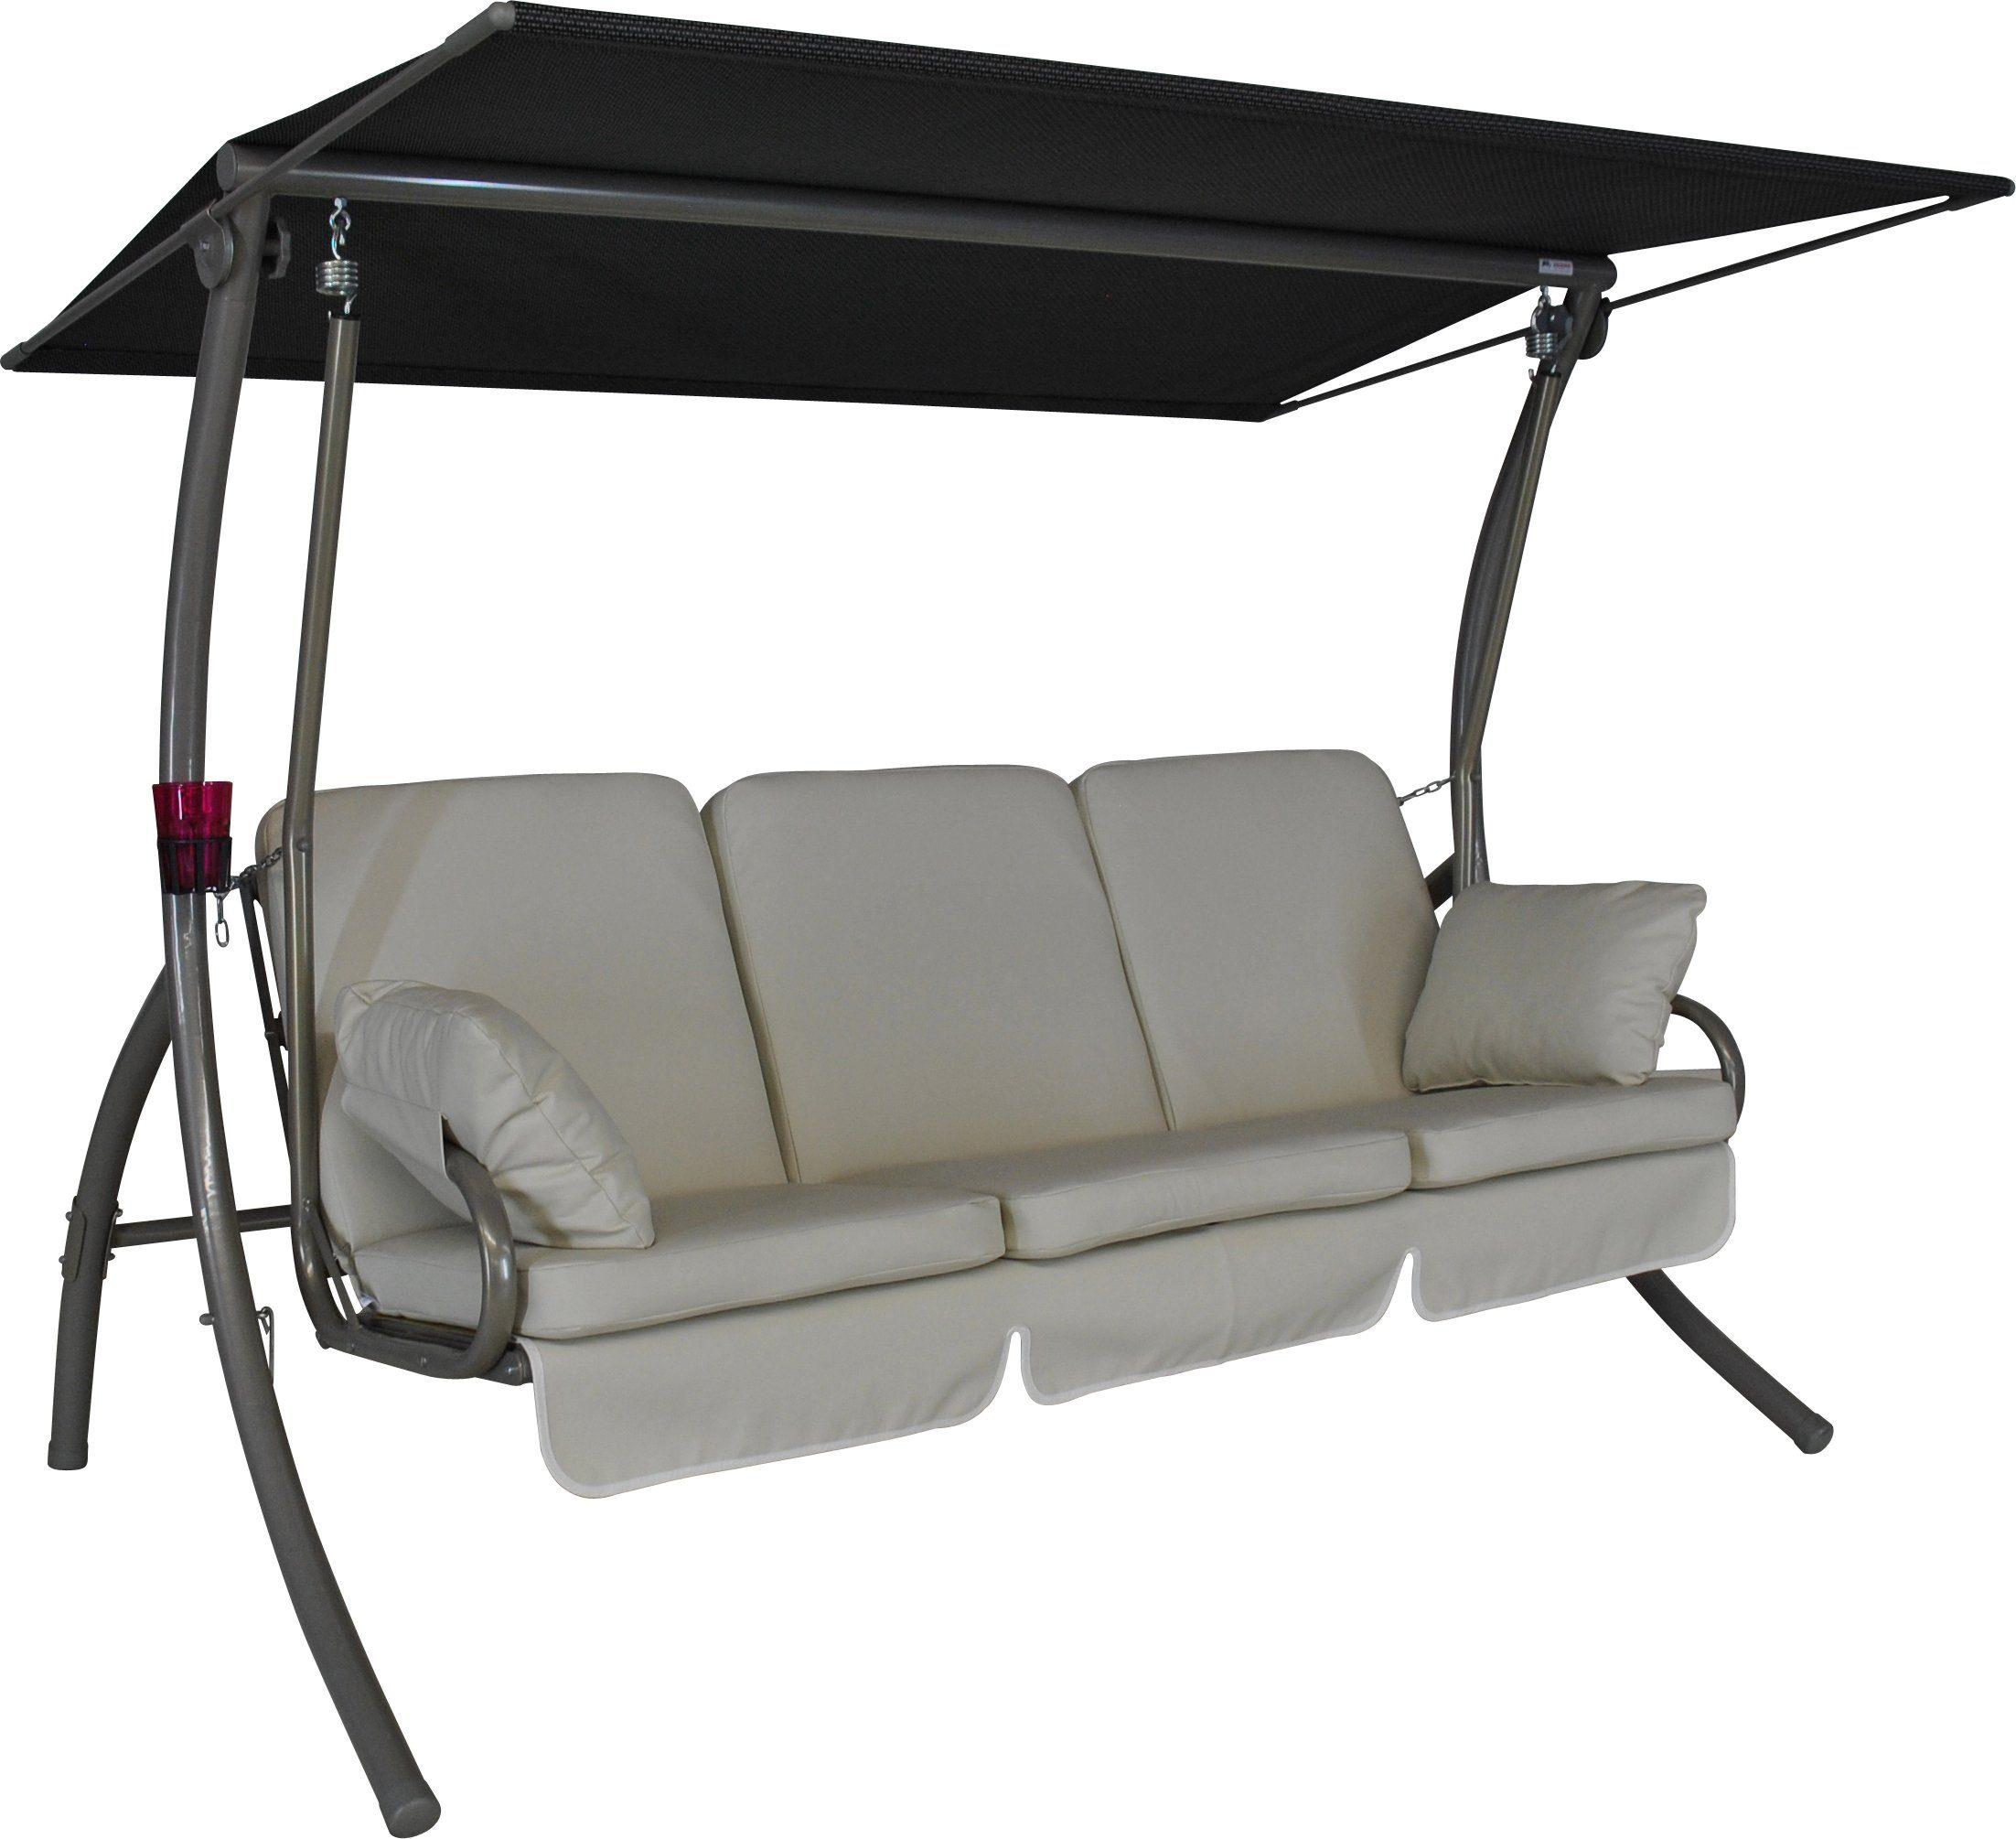 ANGERER FREIZEITMÖBEL Hollywoodschaukel »Primero Premium«, 3-Sitzer, creme